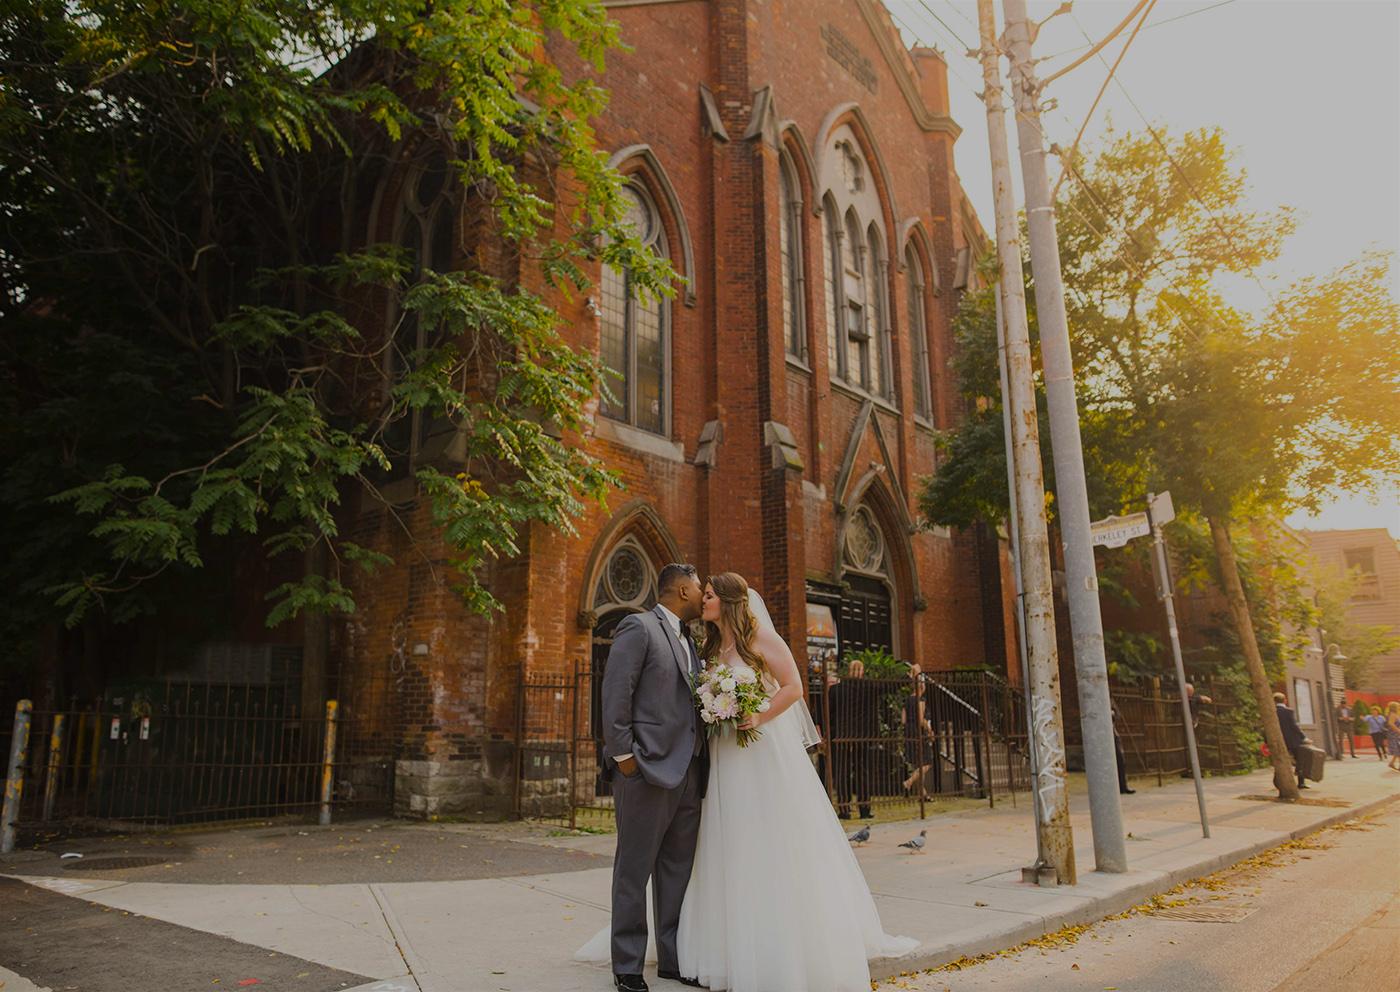 Wedding Photo Collections - 2019 & 2020 Weddings